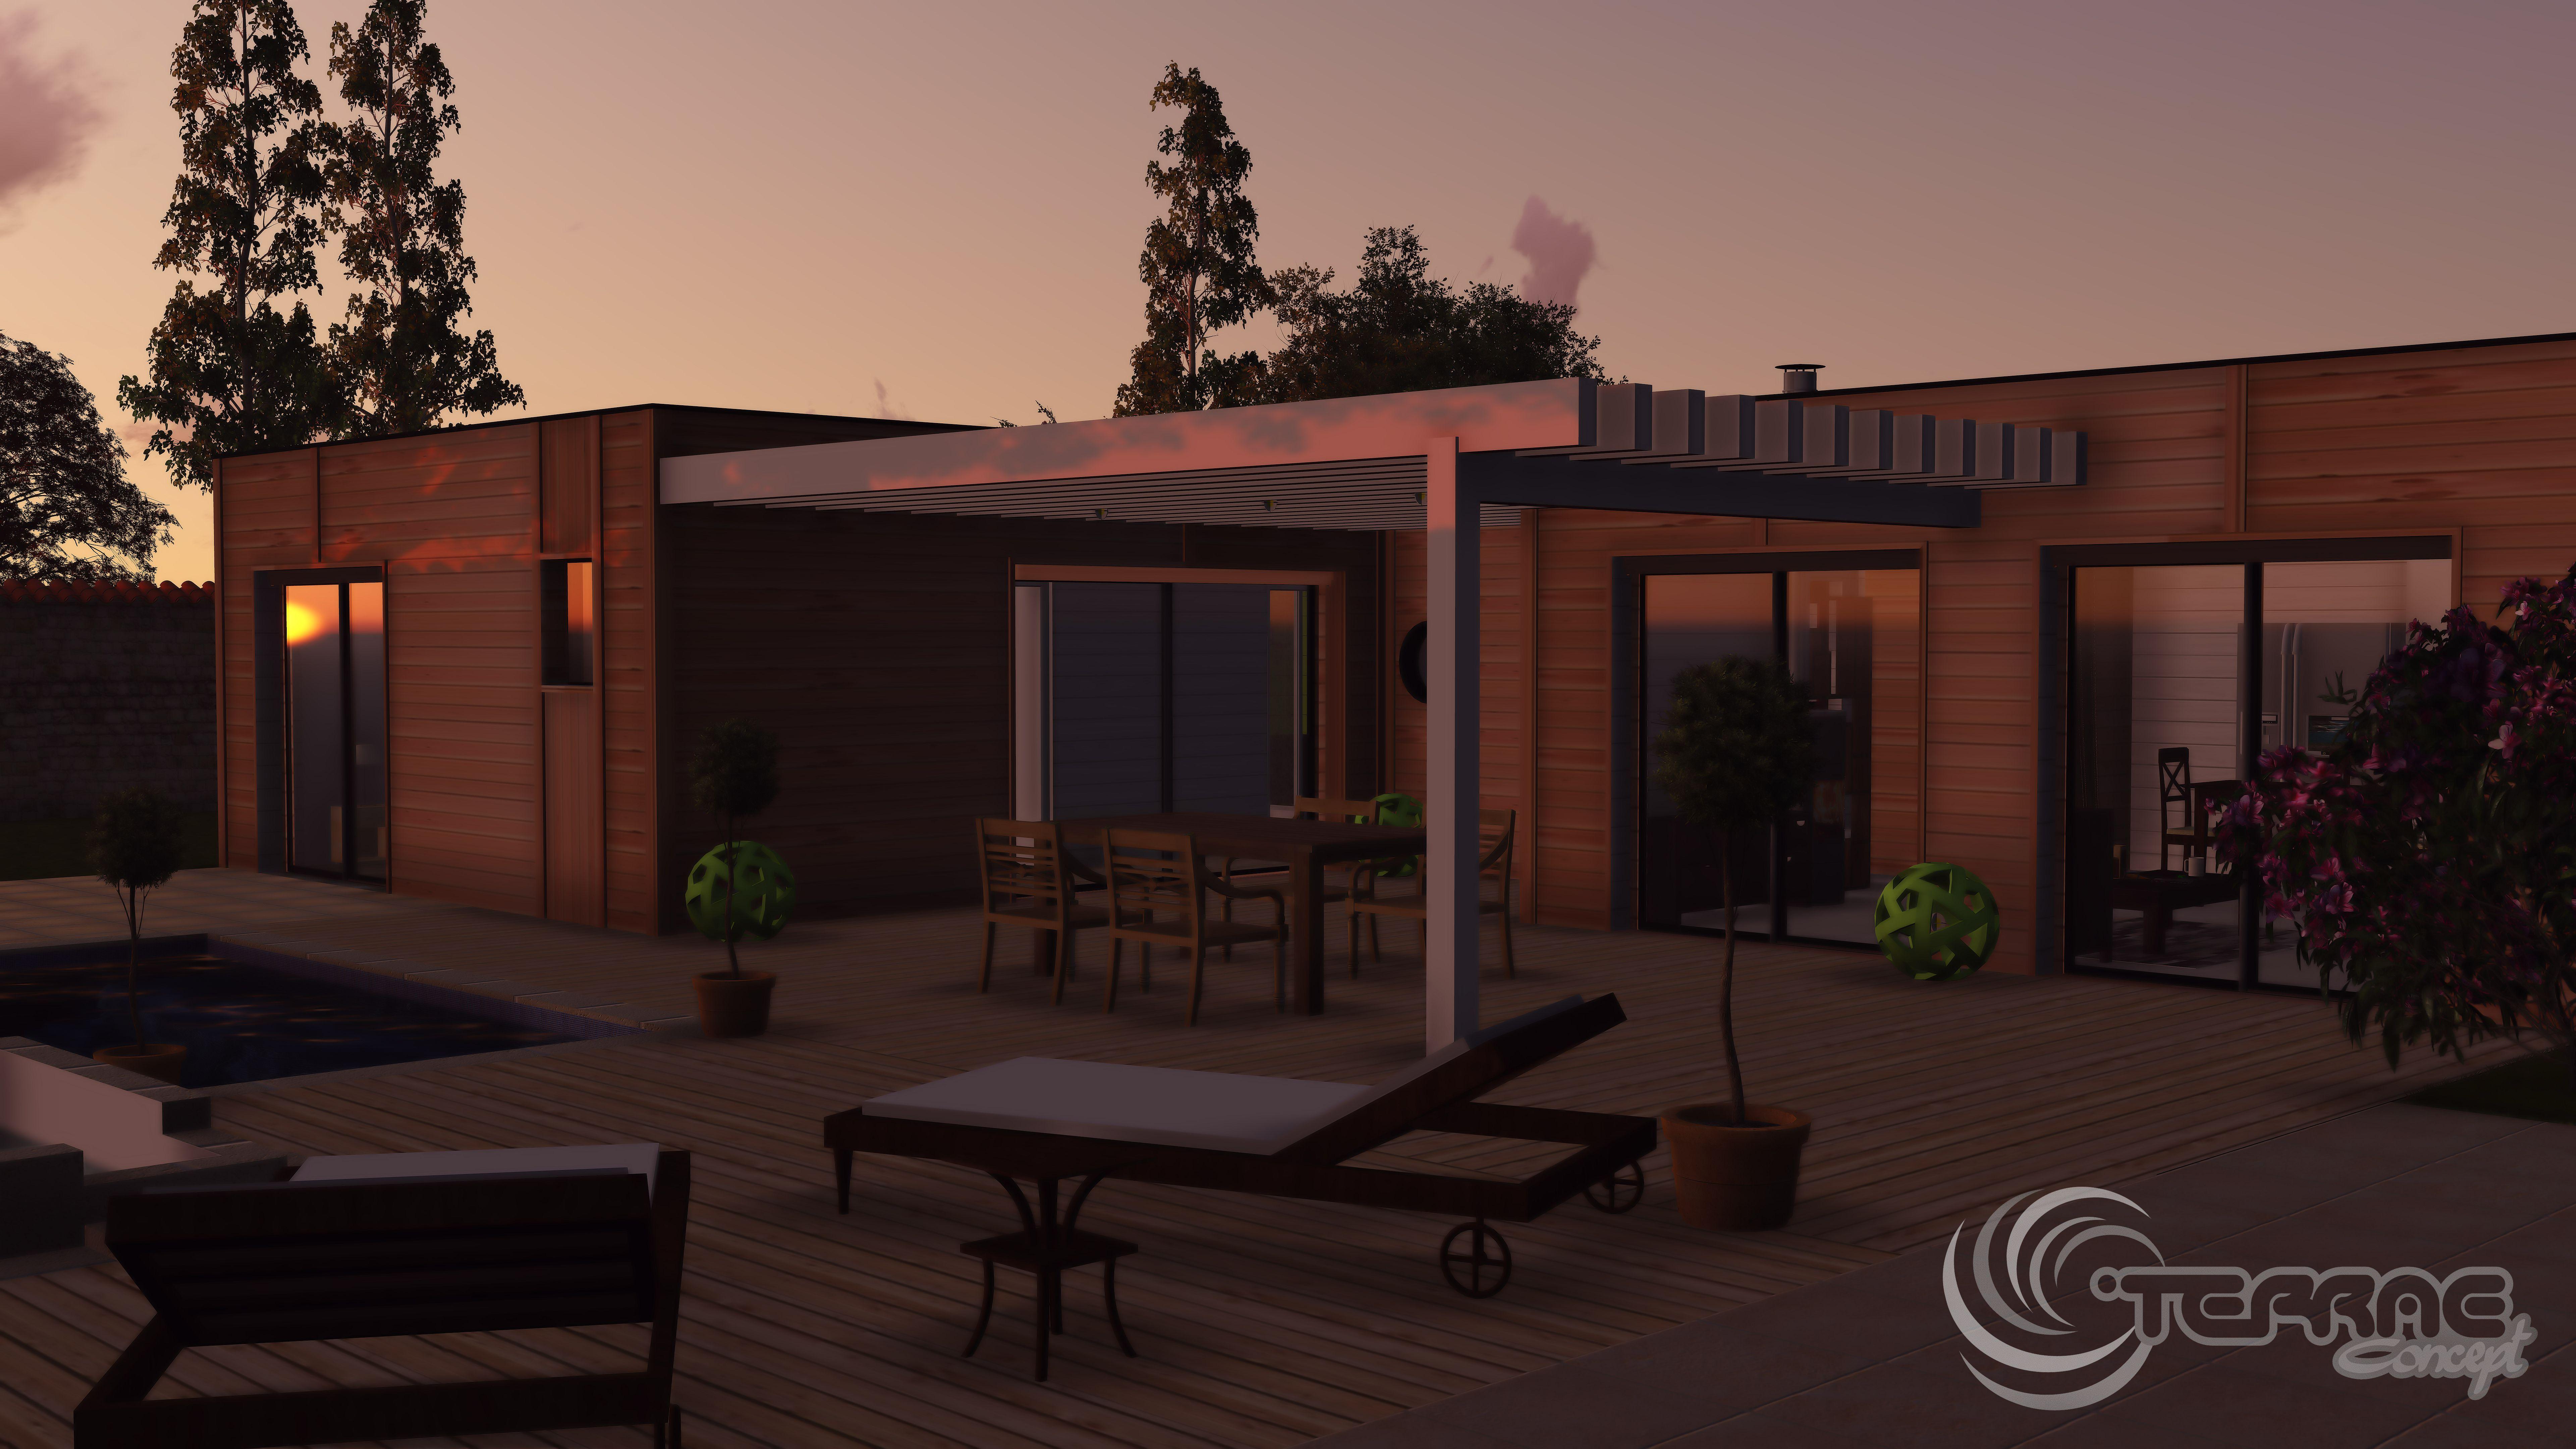 Terrasse tropezienne permis de construire image maison 3d permis de construire plan maison 3d - Permis de construire terrasse ...